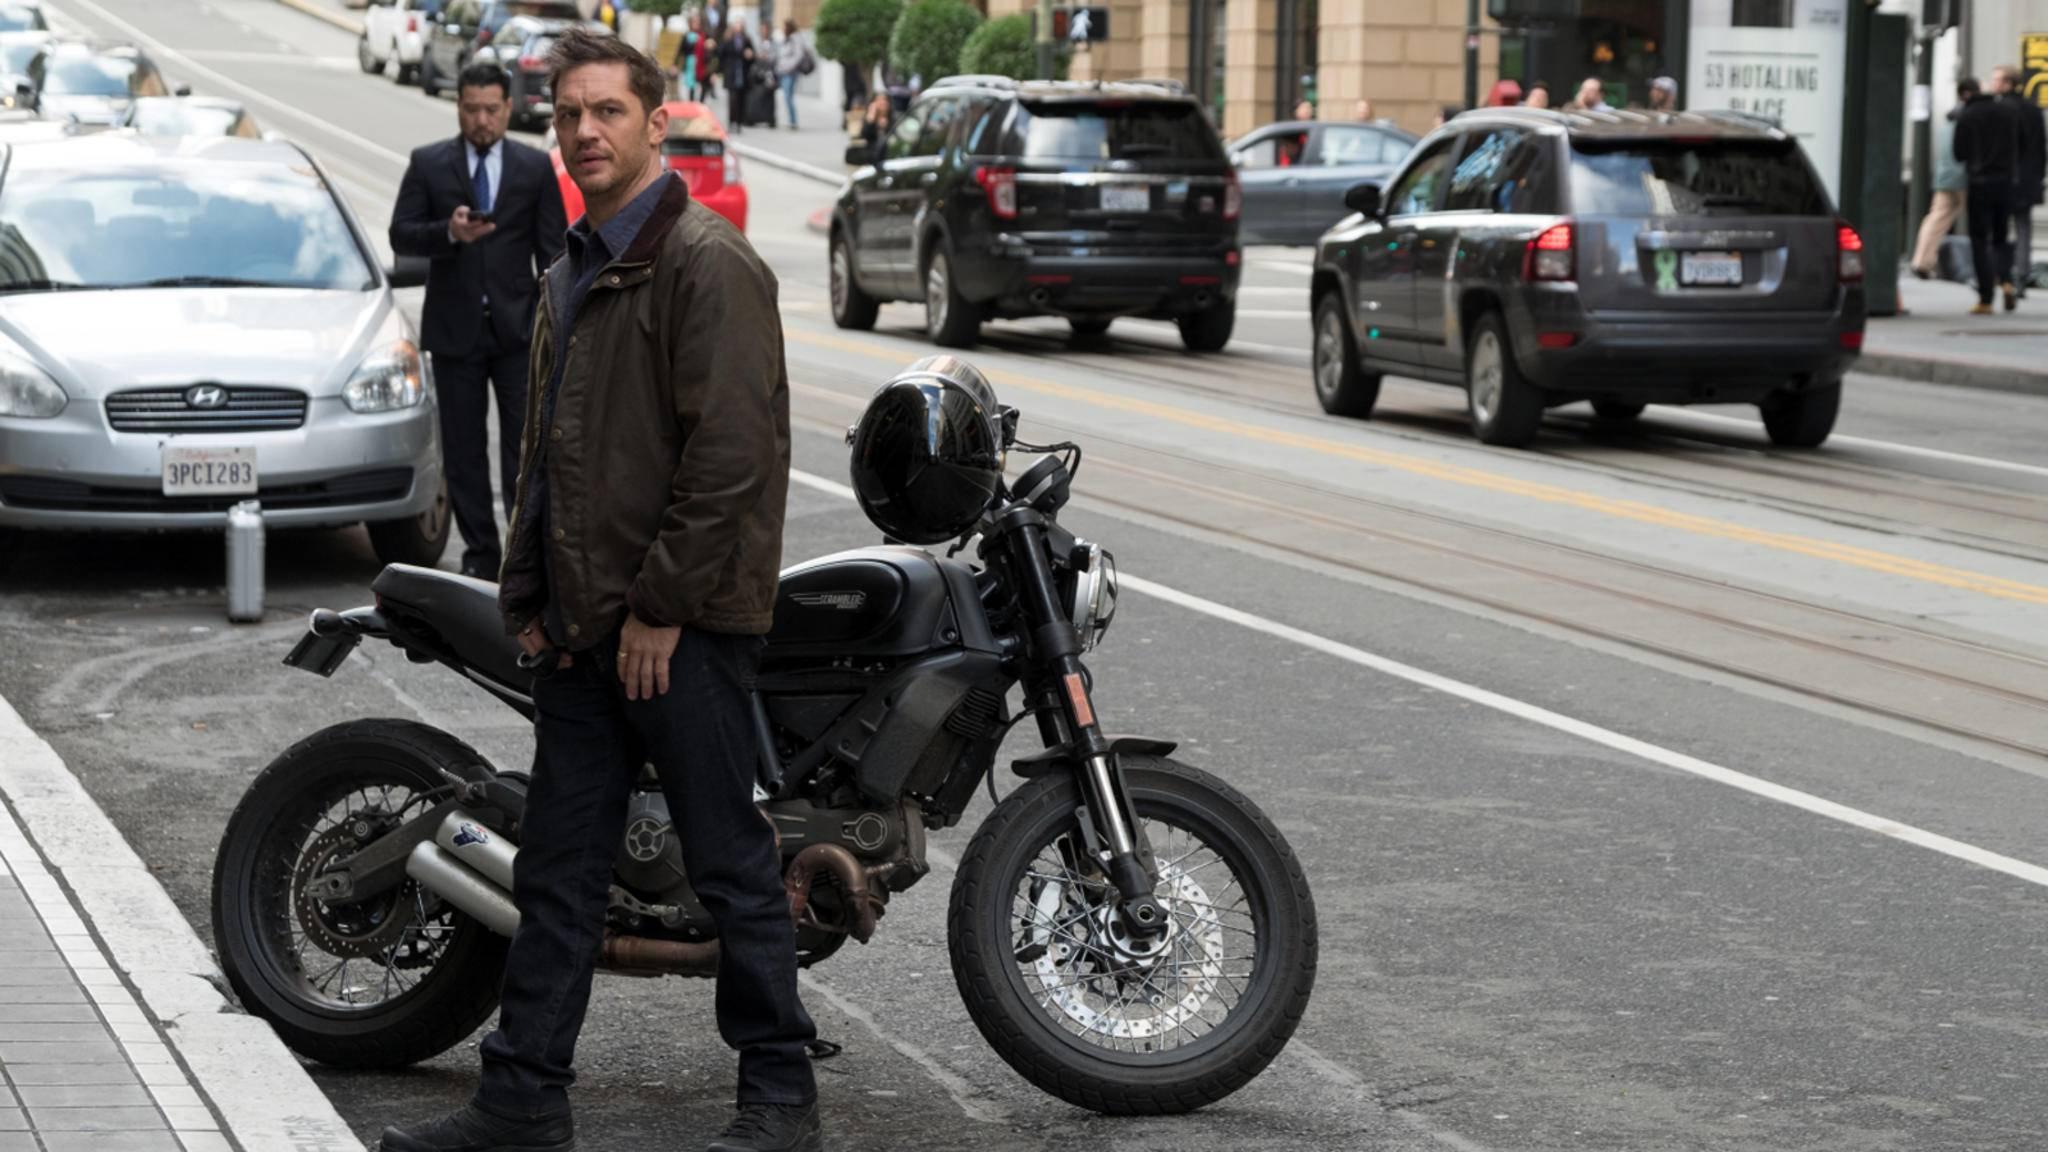 """Schwing dich wieder in den Sattel, Tom Hardy! Die """"Venom""""-Reihe kommt jetzt erst richtig in Fahrt!"""